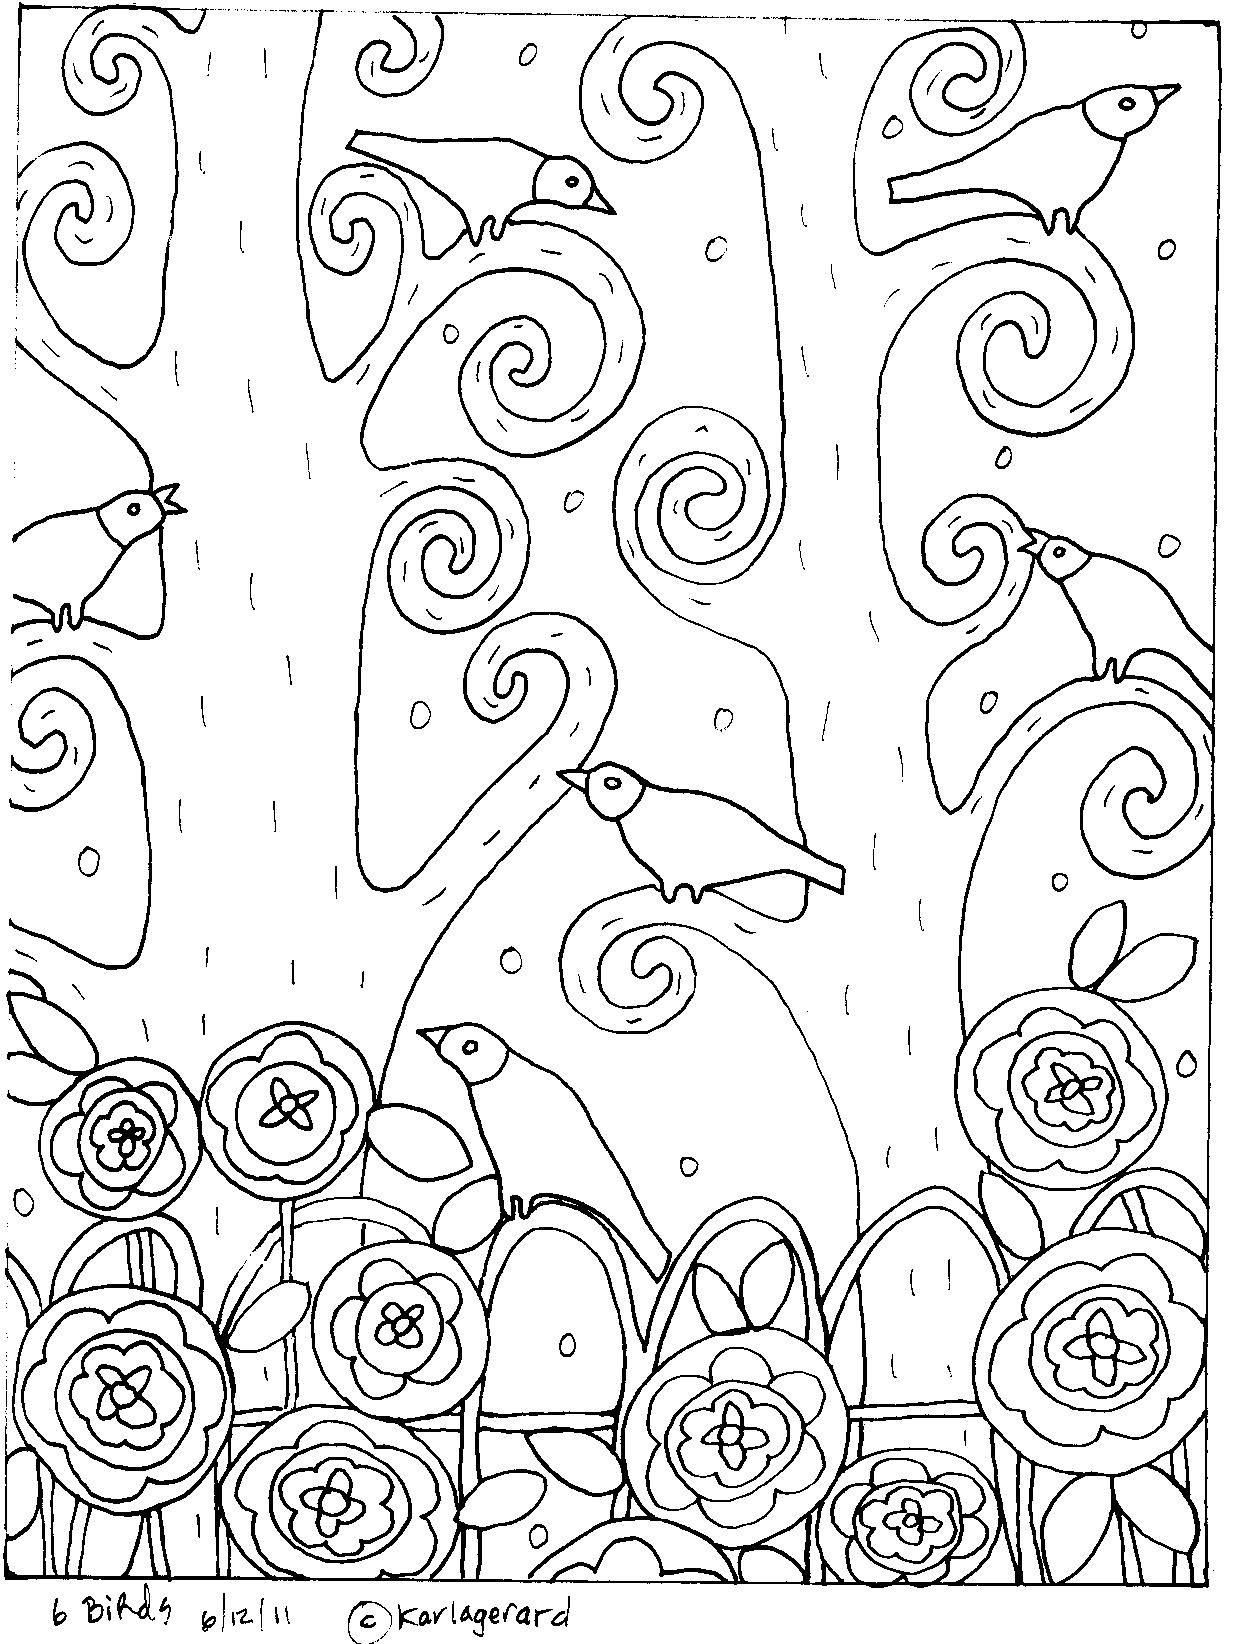 6 Birds rug hook - Karla Gerard | Patterns-sewing, painting ...